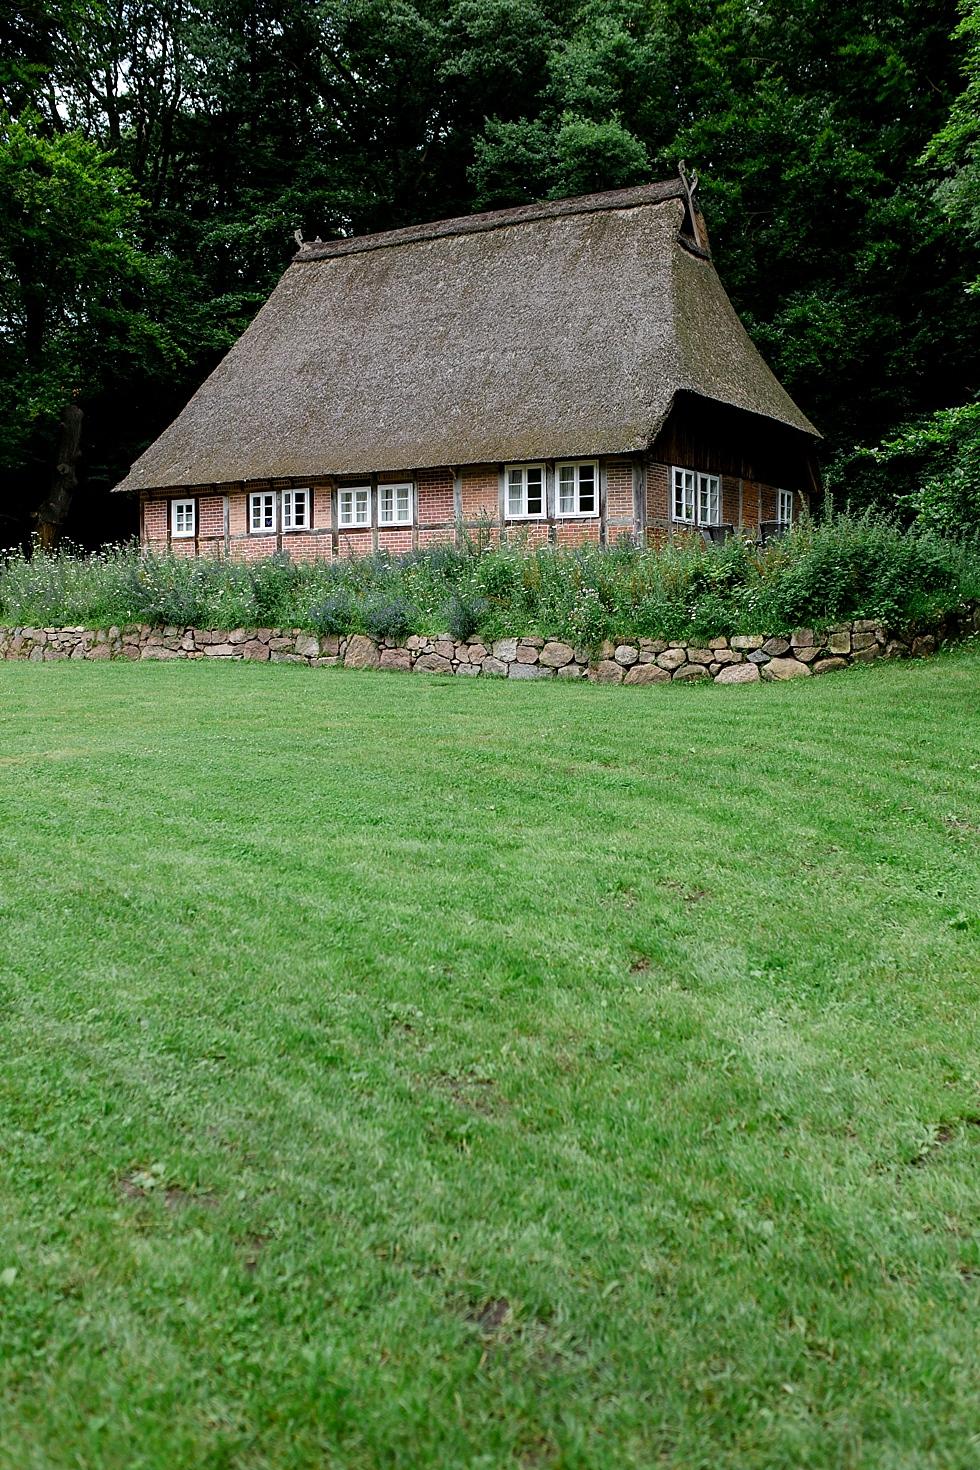 Haus mit Reetdach, Übernachtungsmöglichkeit im Haverbeckhof, Heiraten im Haverbeckhof Bispingen - Jana Richter fotografie-2.jpg